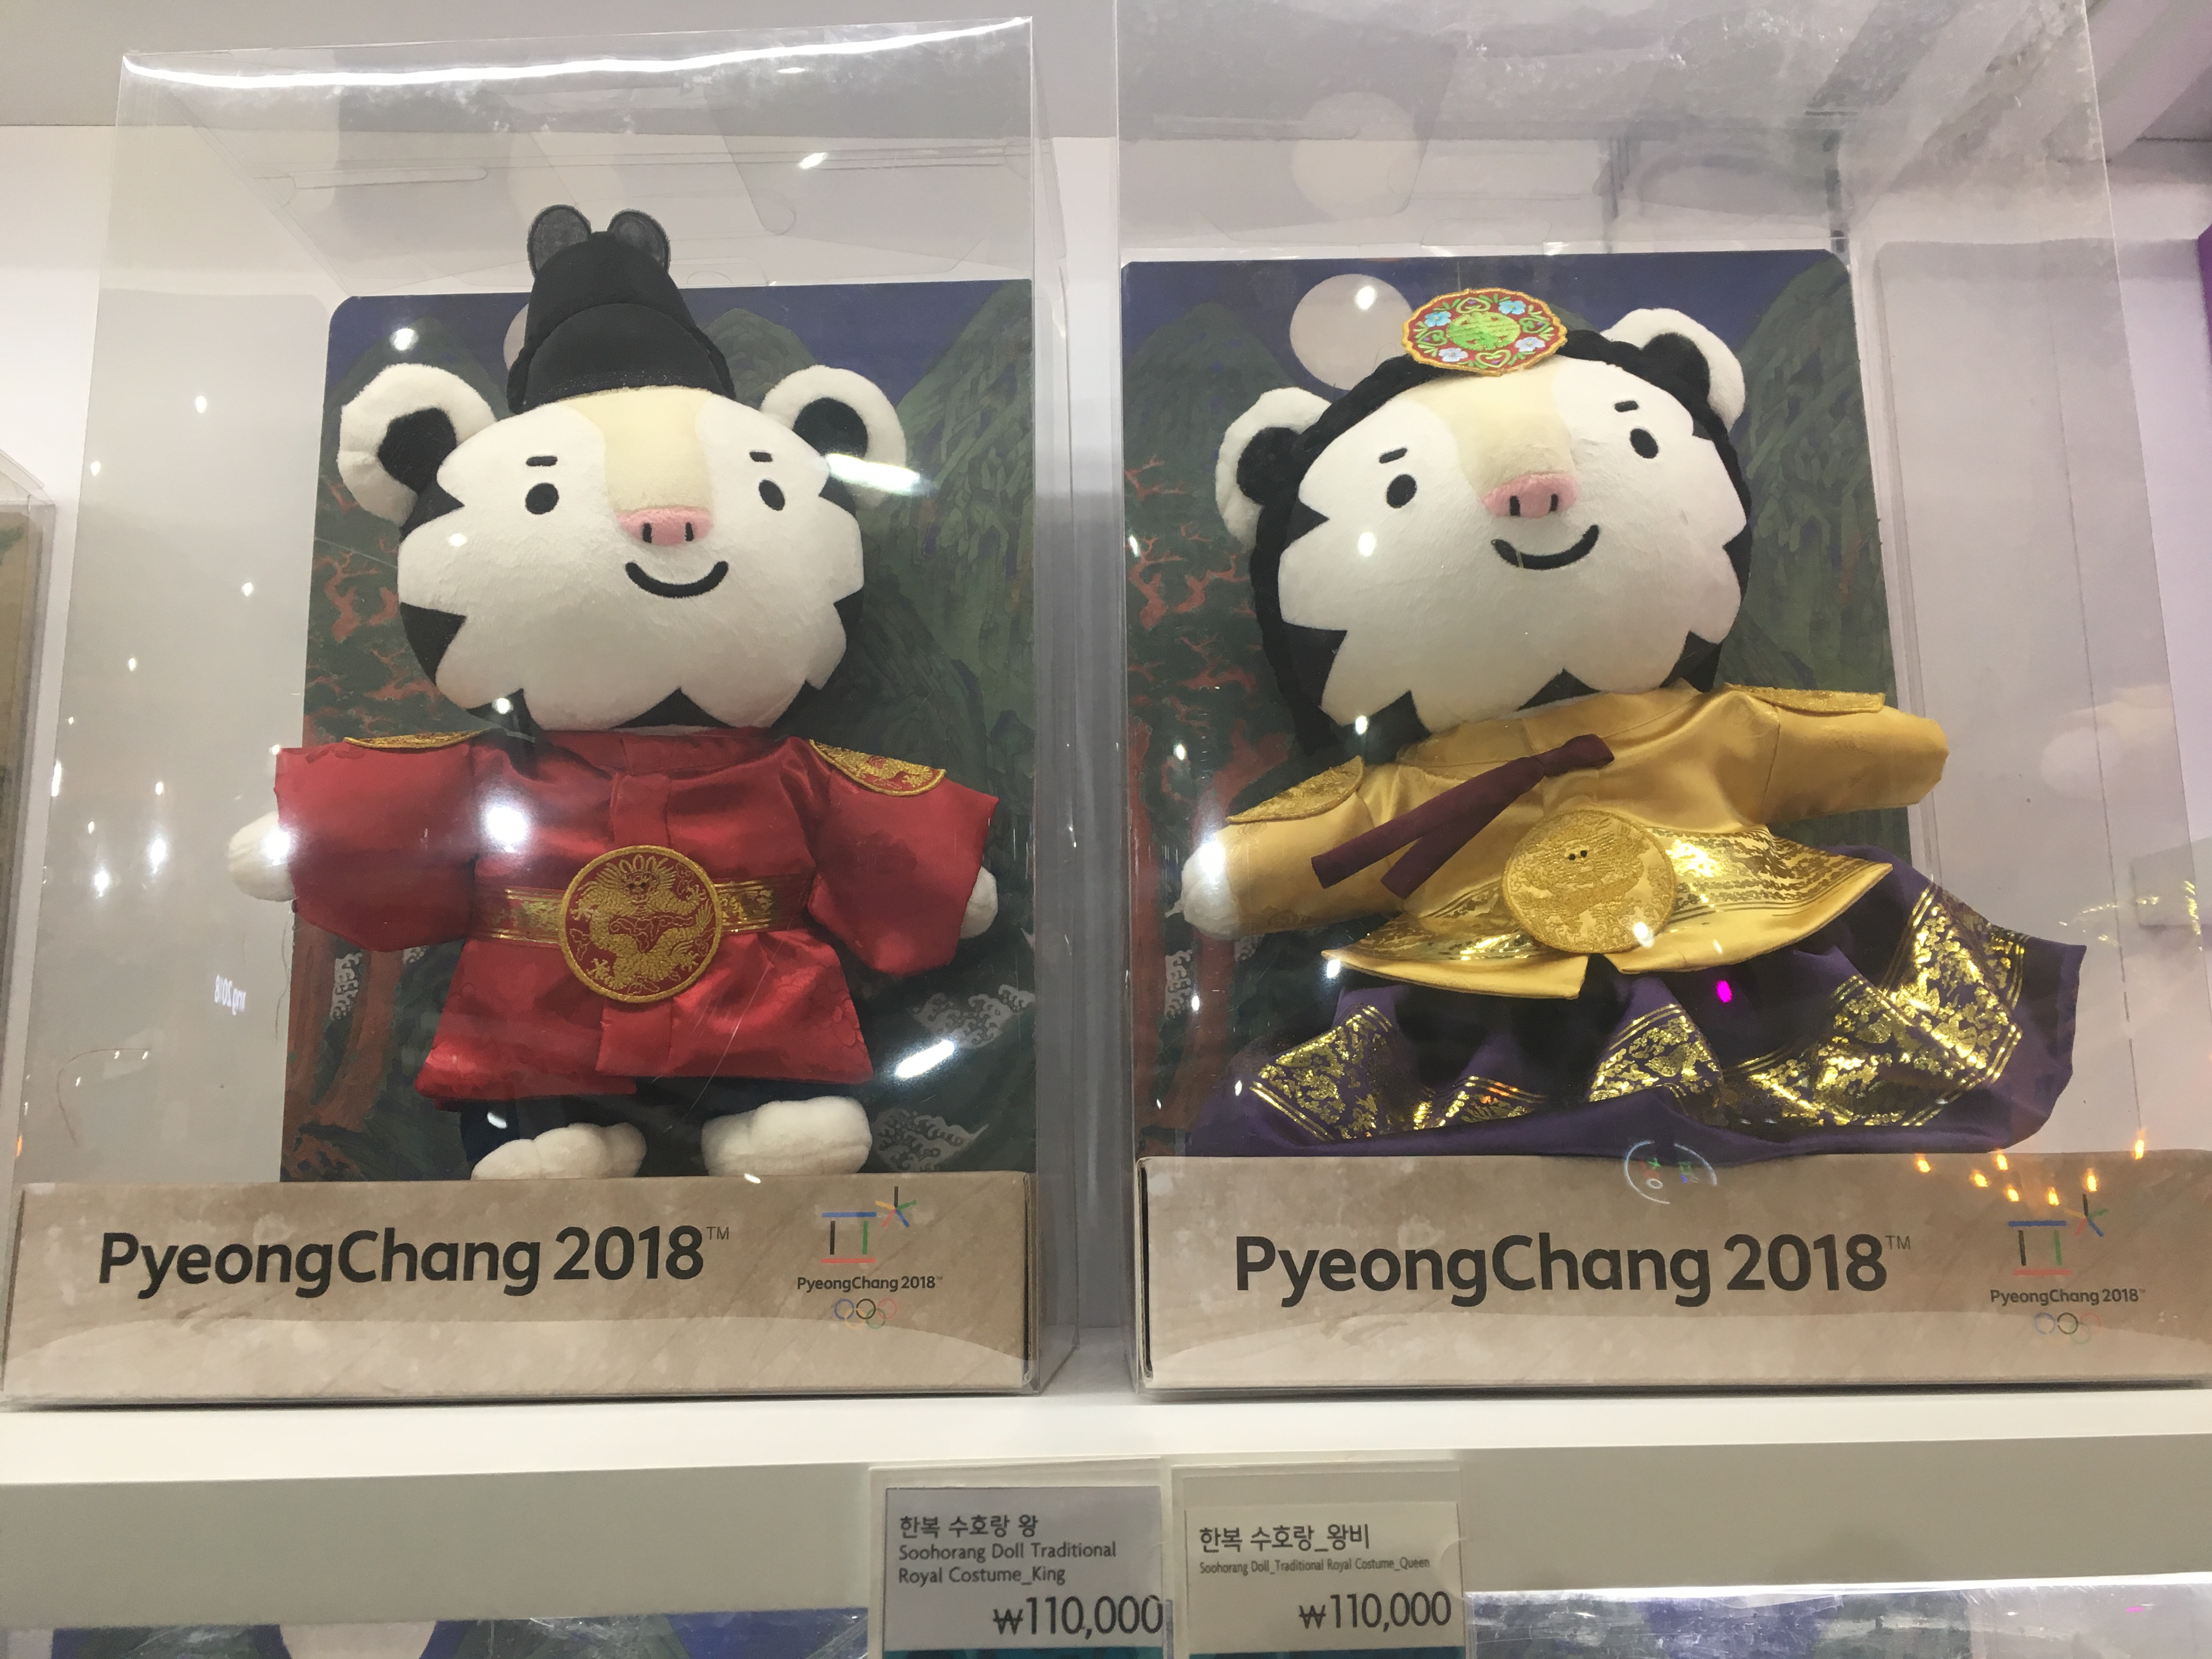 ピョンチャンオリンピック2018